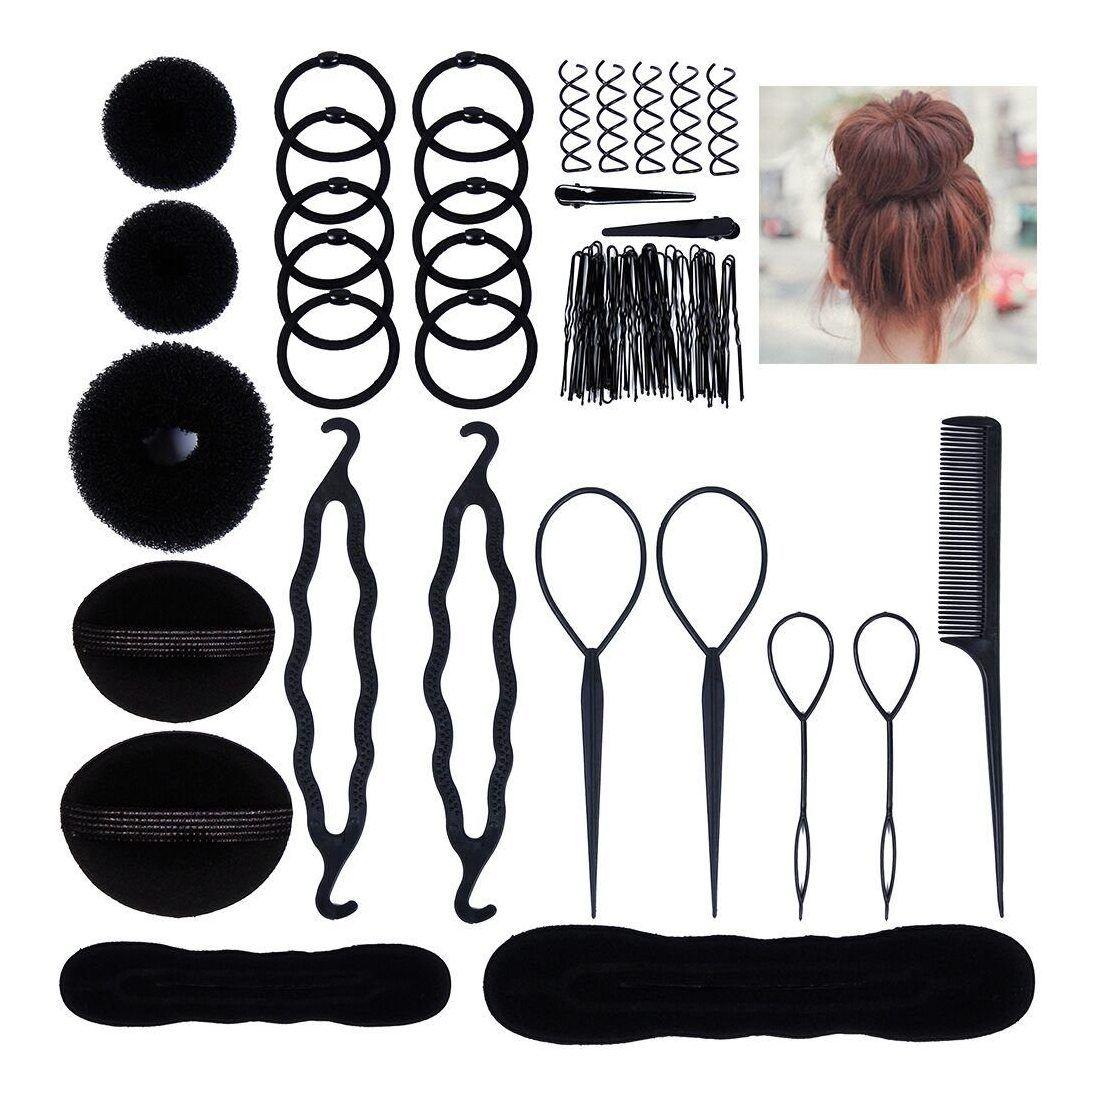 paquet à la mode et attrayant nouveau authentique la plus récente technologie Accessoires de Coiffure, Lictin Set d'Outils de Coiffure Cheveux Coiffure  Stylisée Accessoire Cheveux Filles Eponge en Mousse